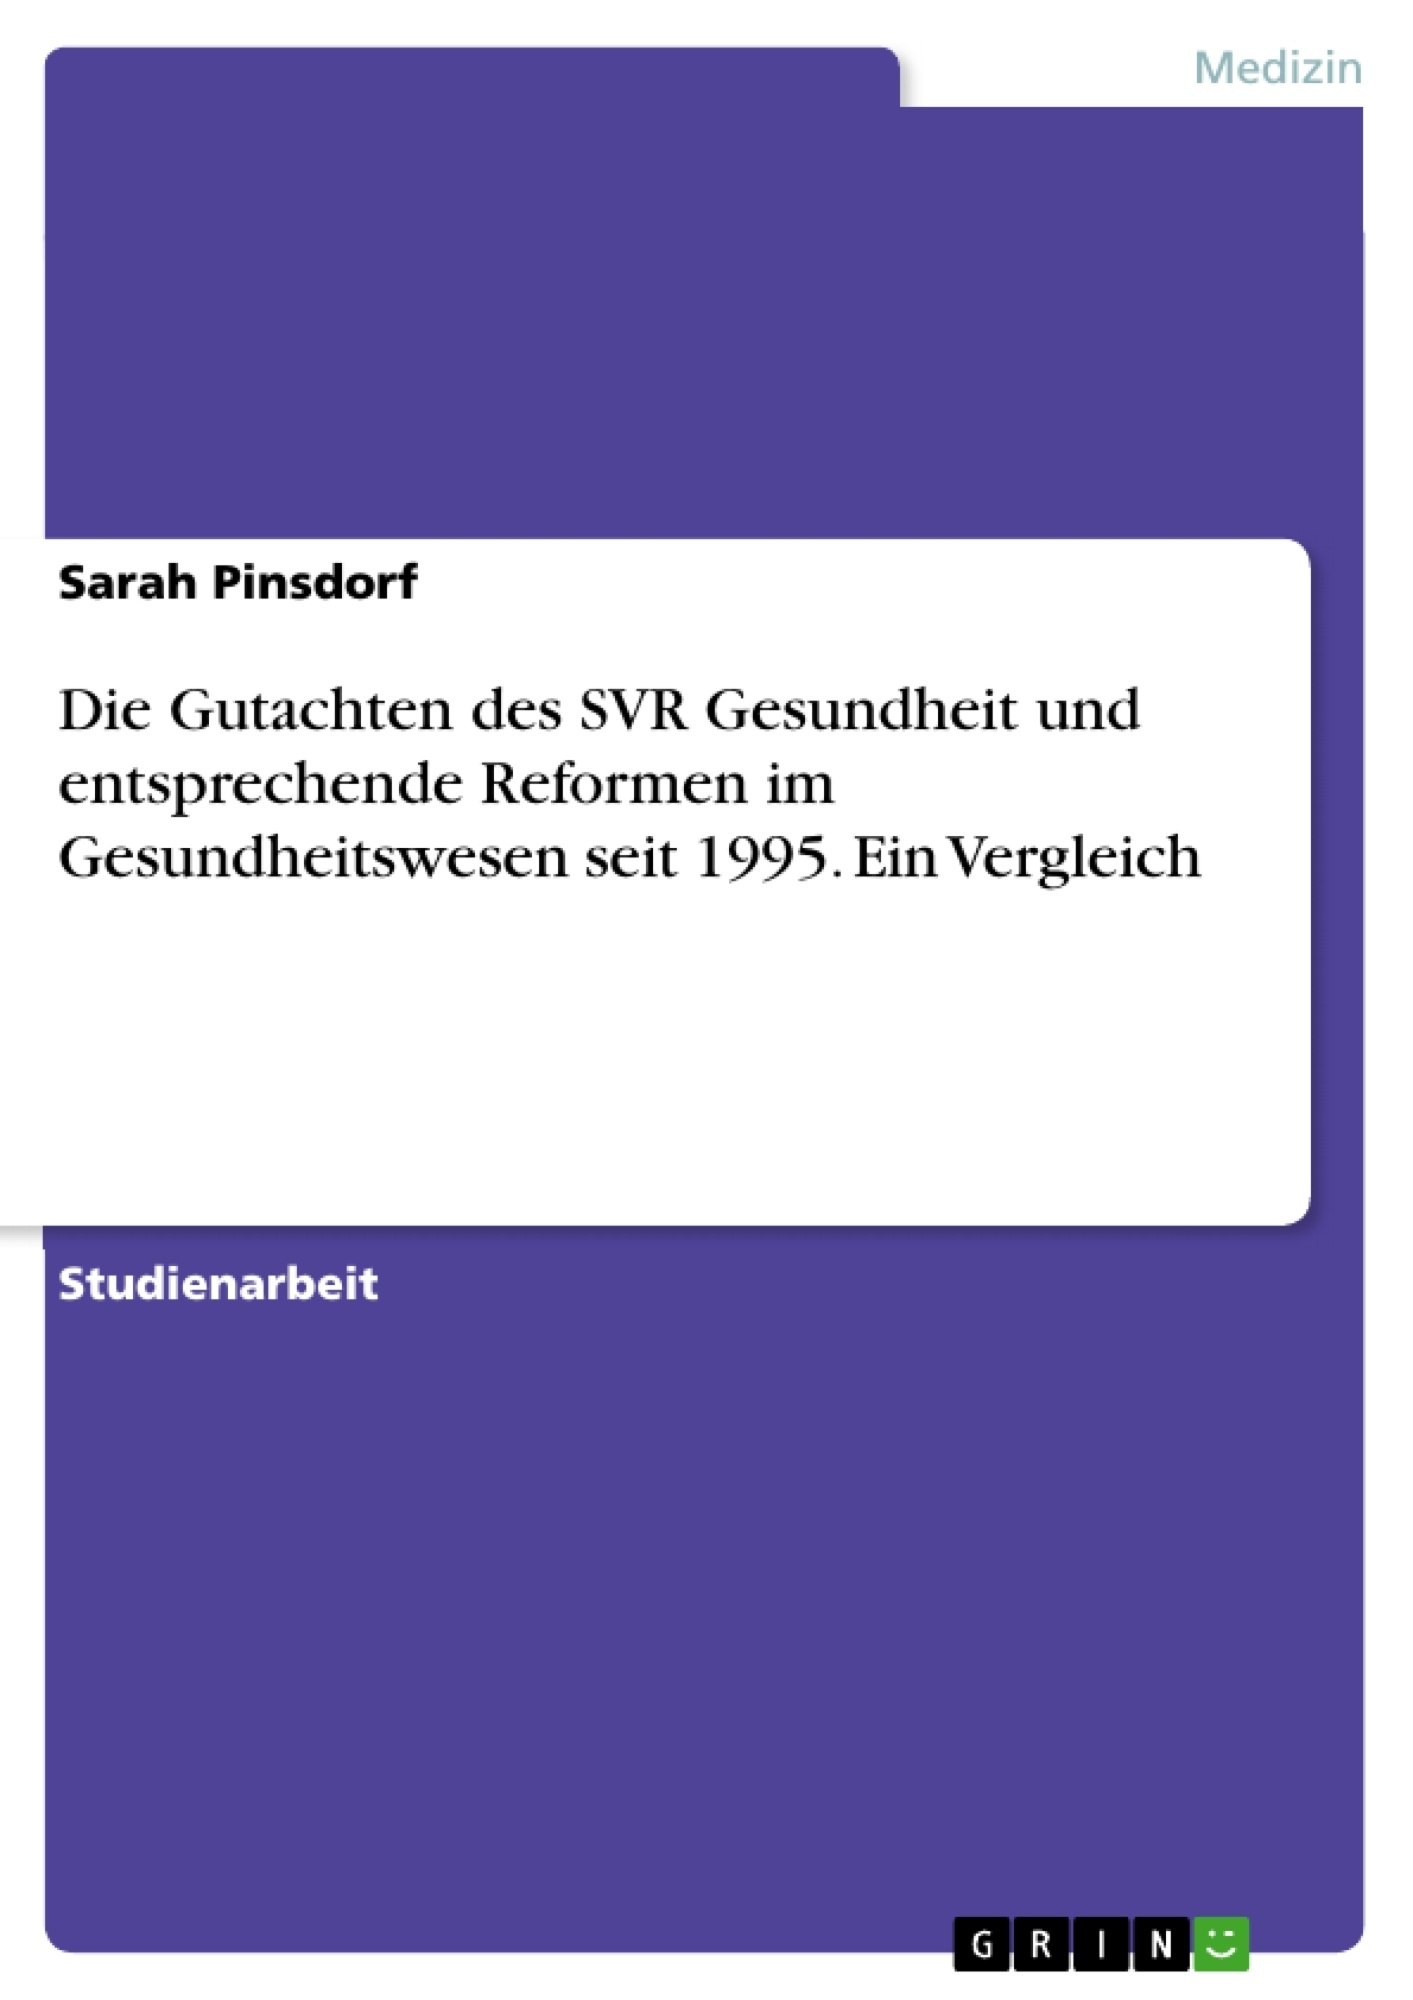 Titel: Die Gutachten des SVR Gesundheit und entsprechende Reformen im Gesundheitswesen seit 1995. Ein Vergleich